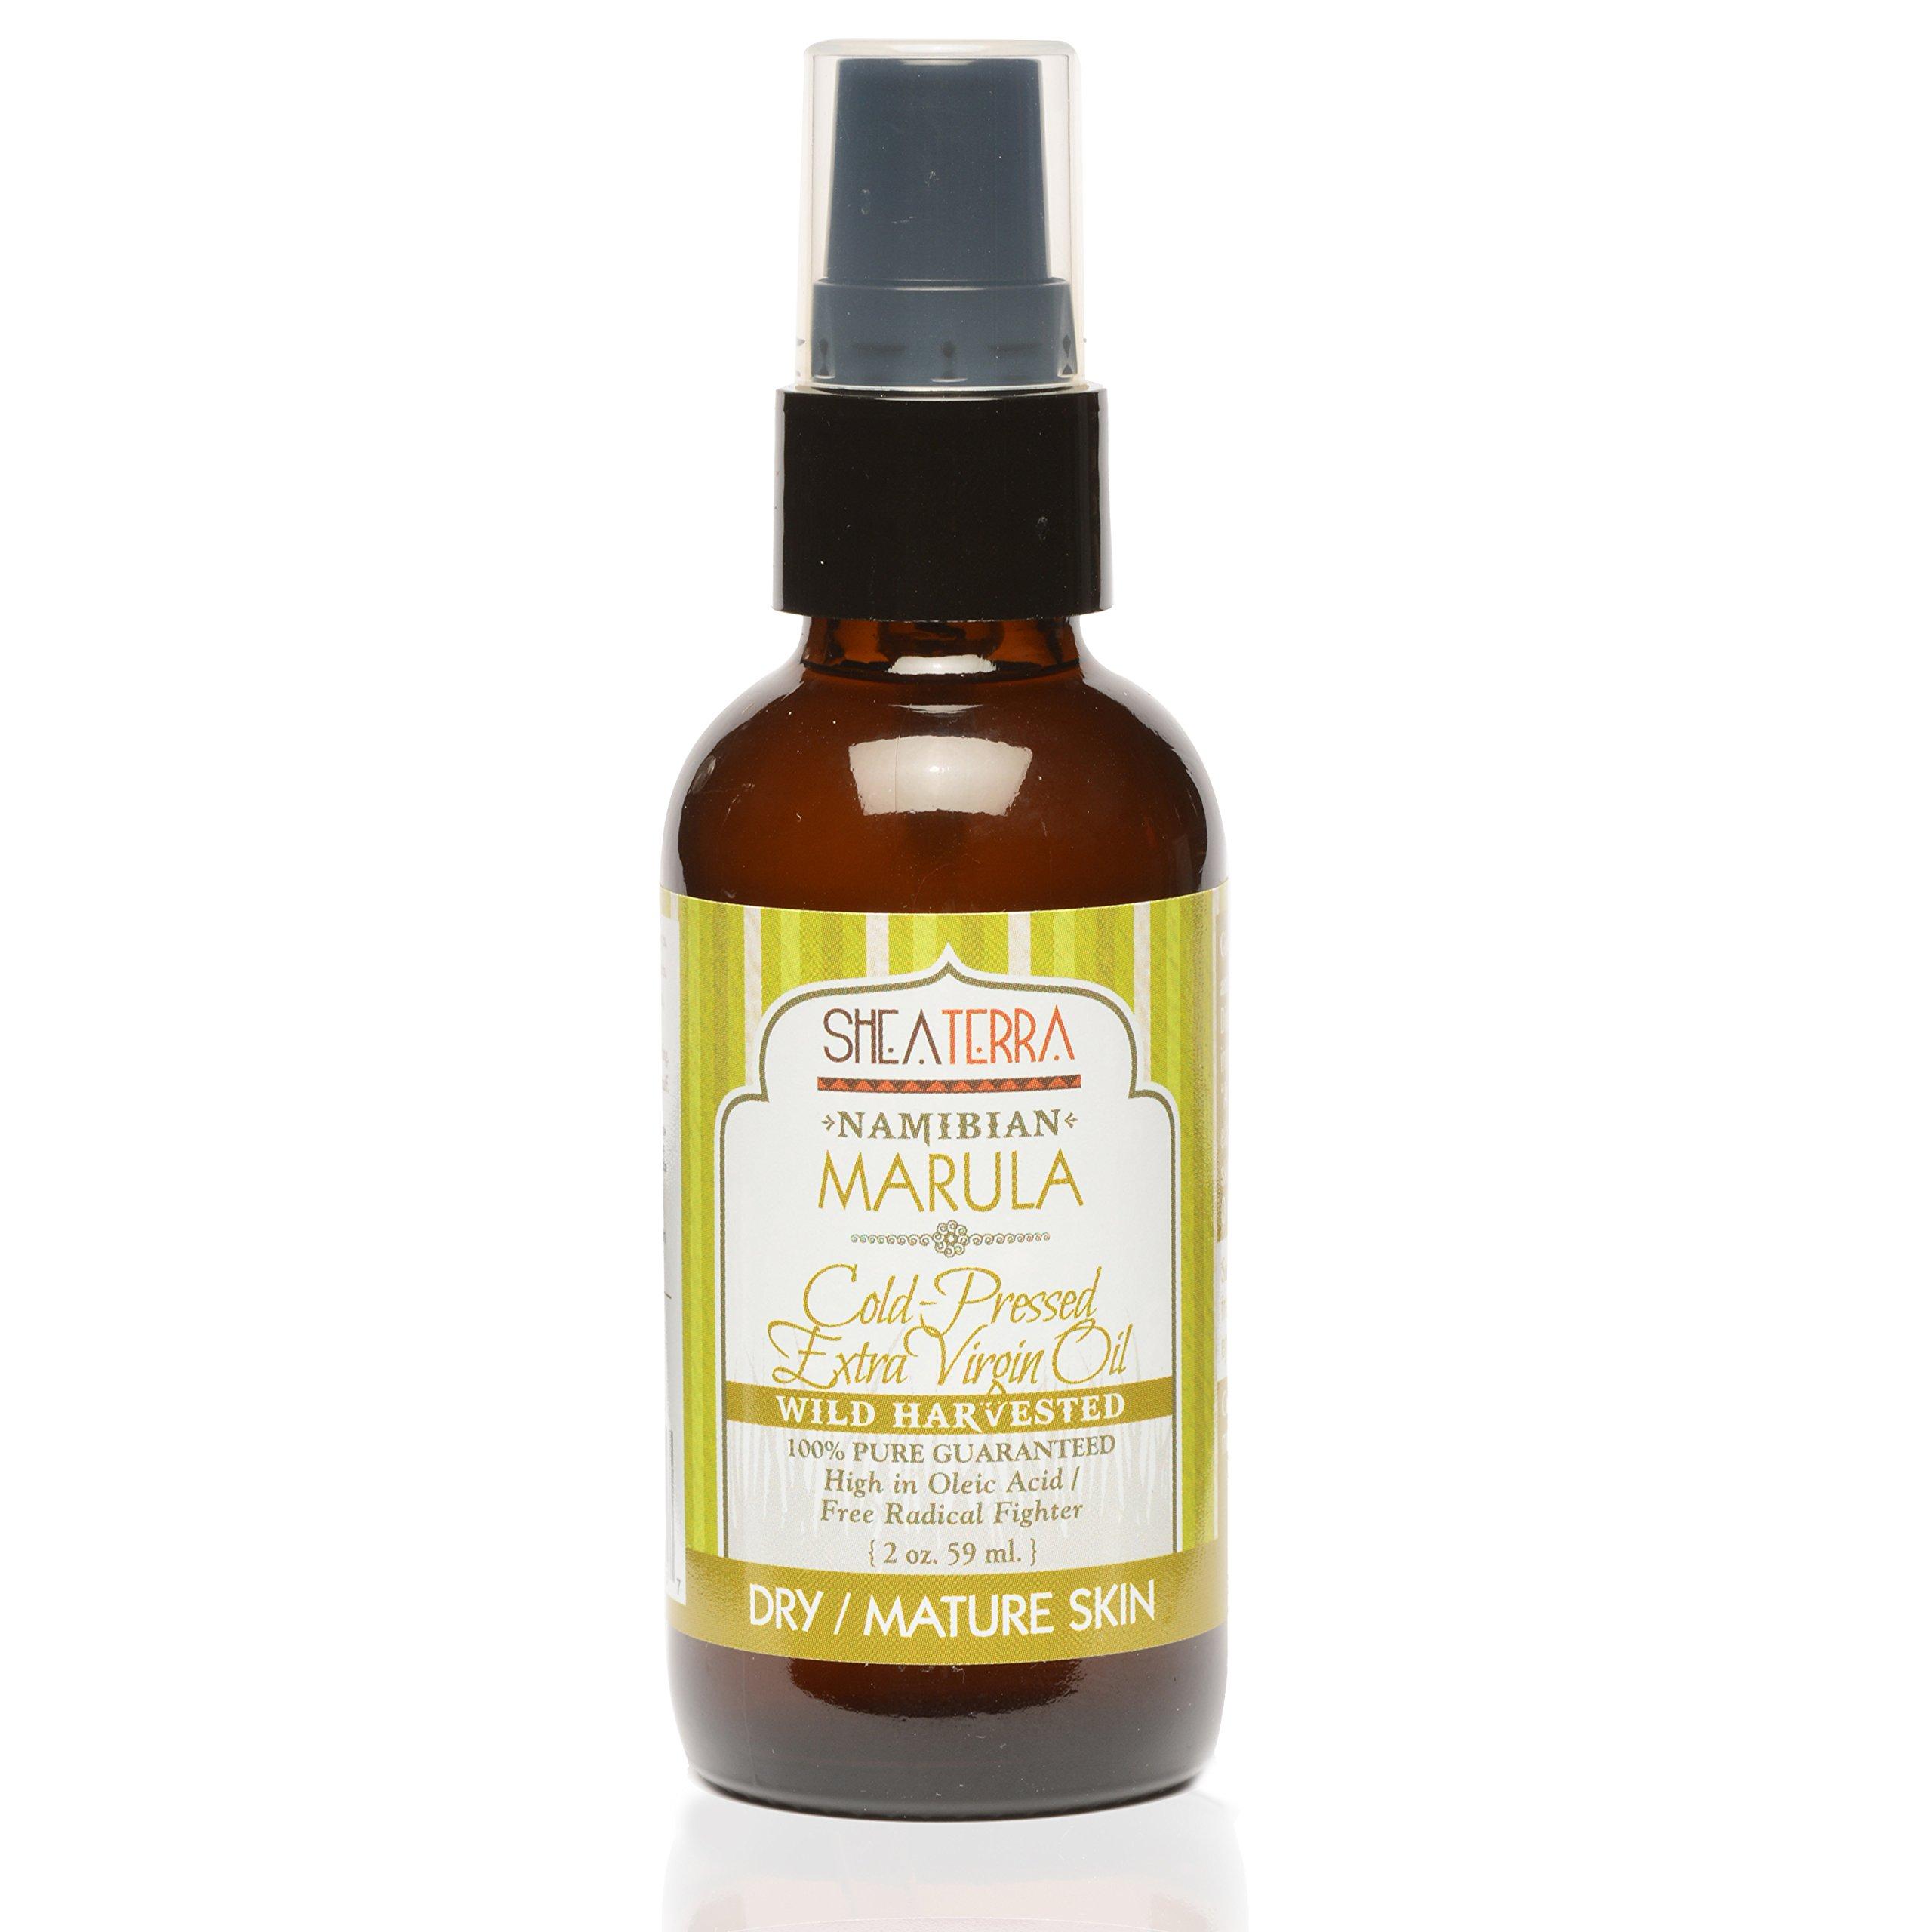 Mature skin facial oil